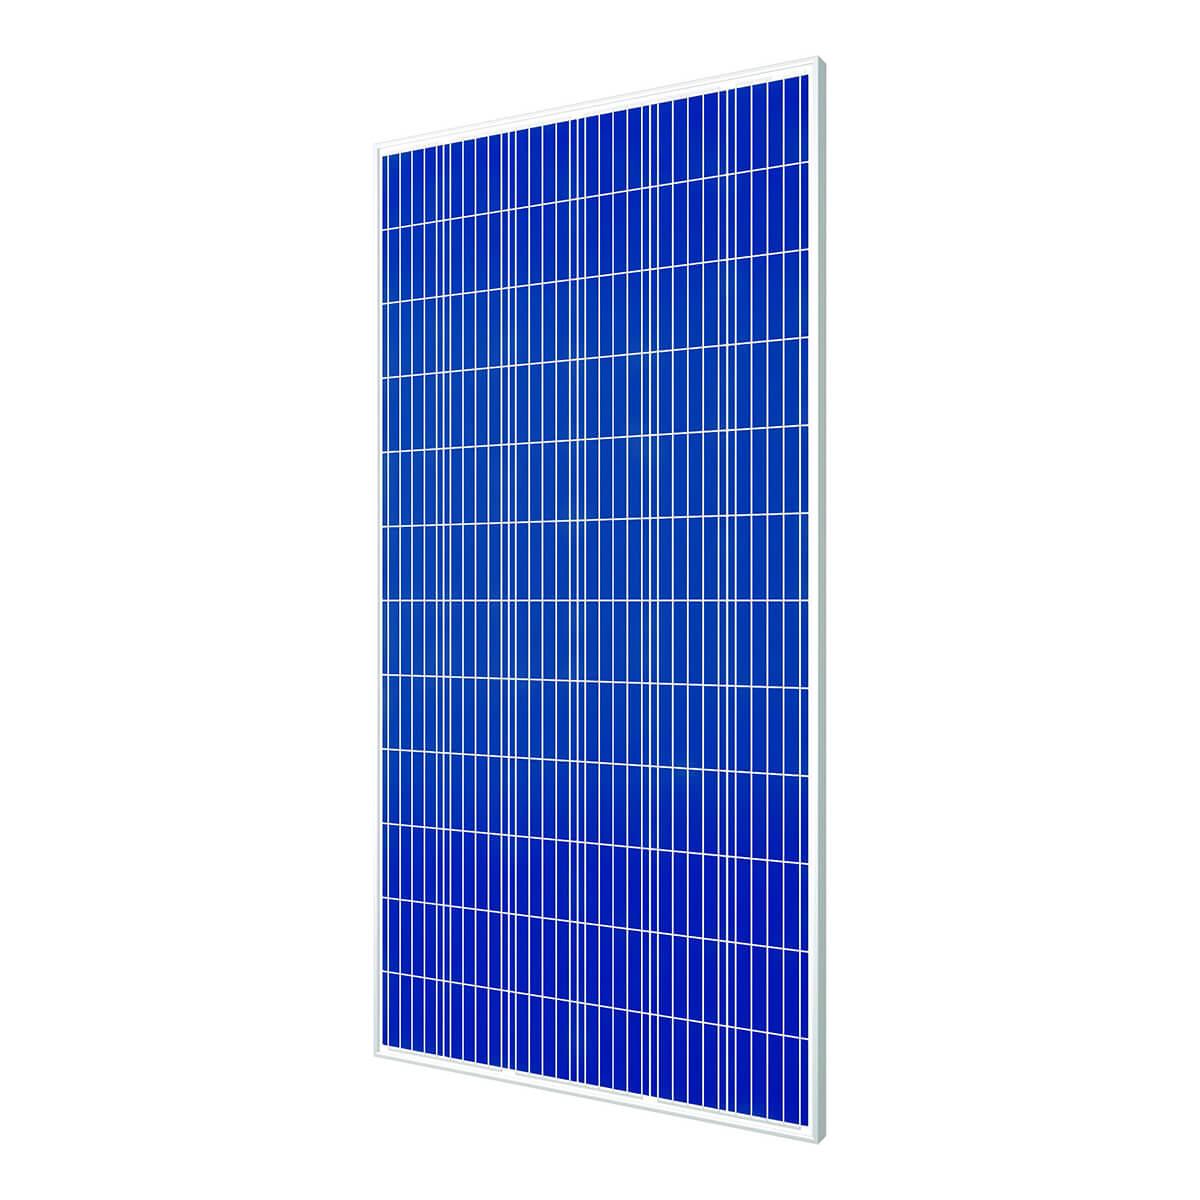 tommatech 325W panel, tommatech 325Watt panel, tommatech 325 W panel, tommatech 325 Watt panel, tommatech 325 Watt polikristal panel, tommatech 325 W watt gunes paneli, tommatech 325 W watt polikristal gunes paneli, tommatech 325 W Watt fotovoltaik polikristal solar panel, tommatech 325W polikristal gunes enerjisi, tommatech TT325-72P-325W panel, TOMMATECH 325 WATT